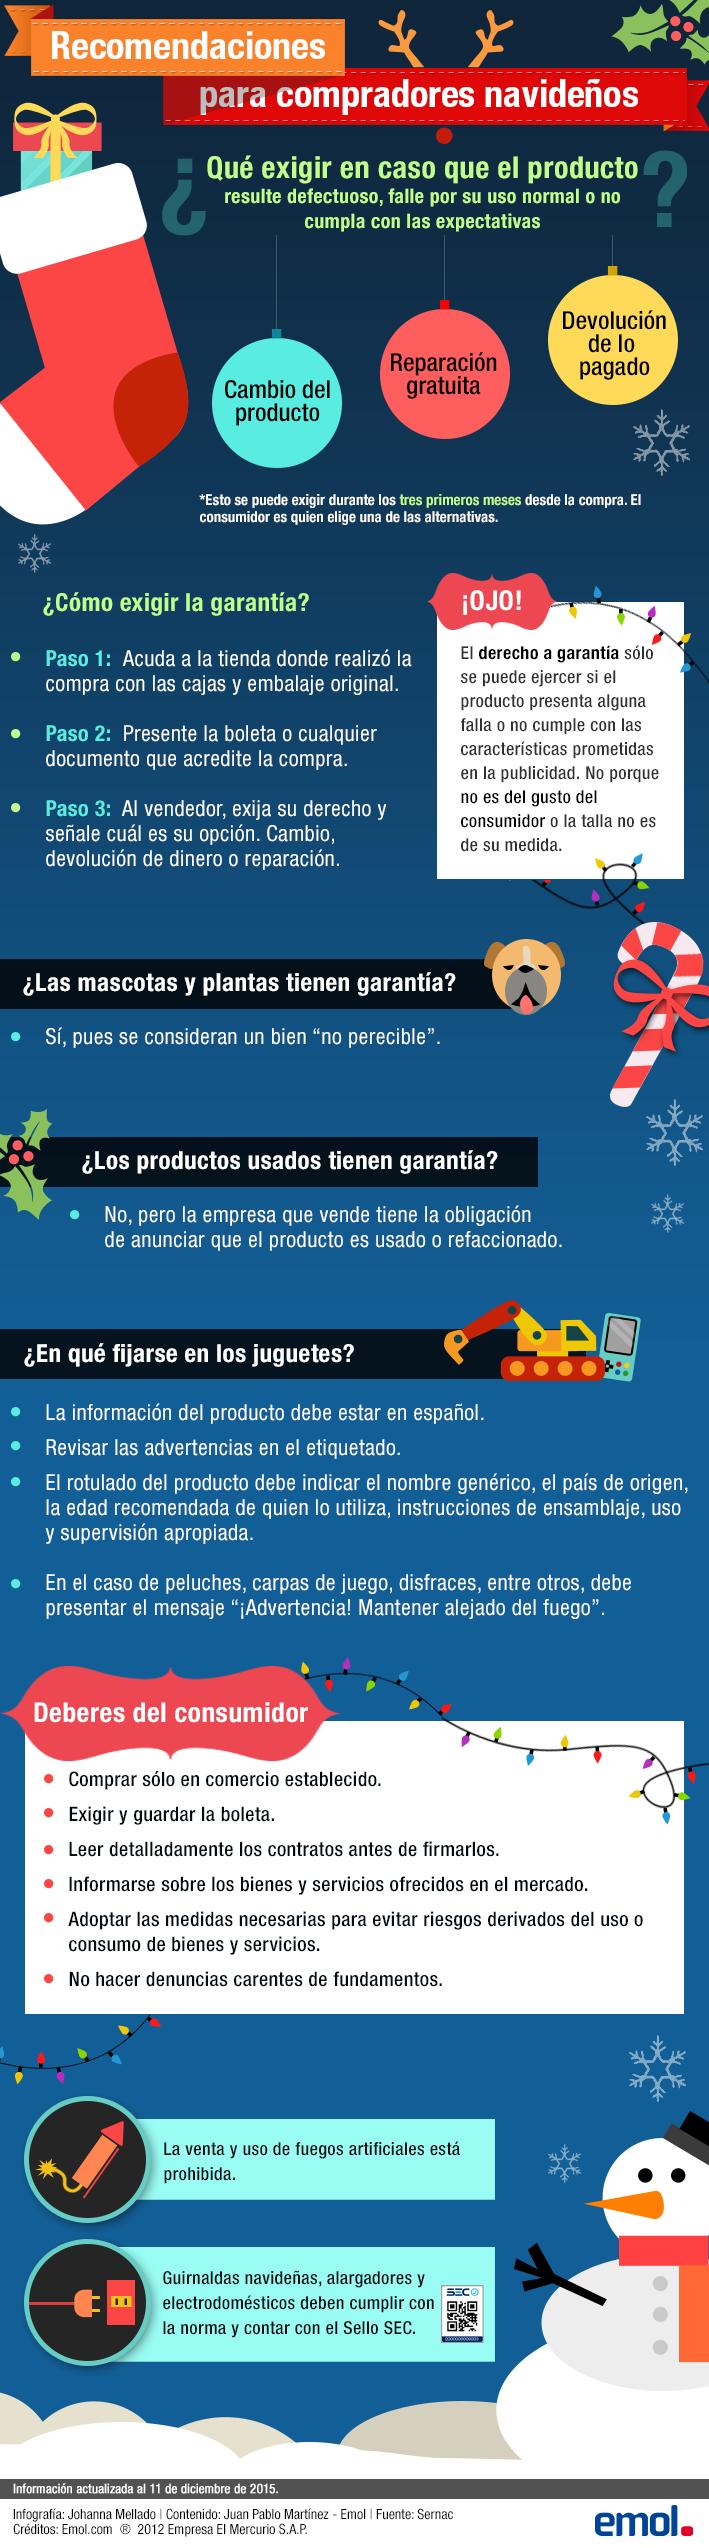 infografia-compras-navidad (1)